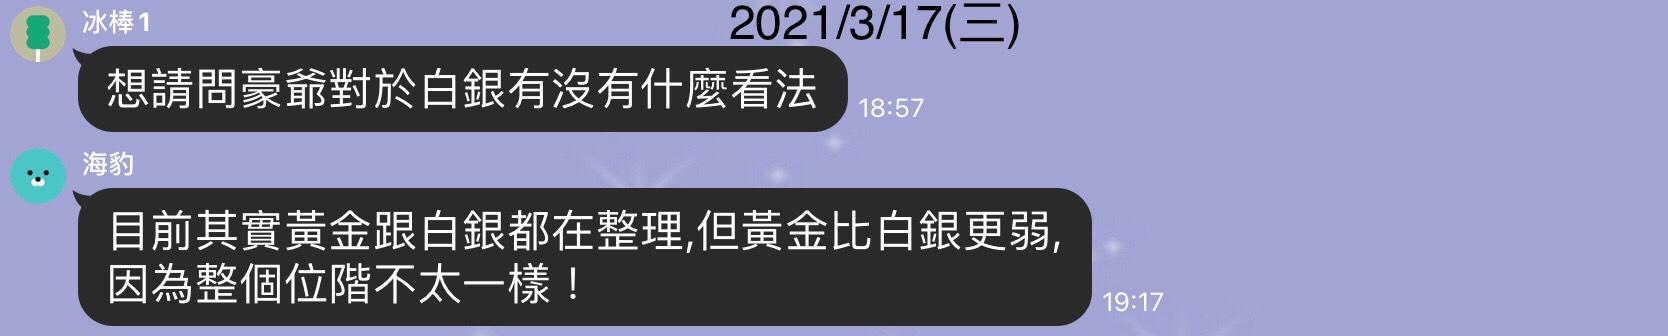 2021/03/22 豪爺週報_03